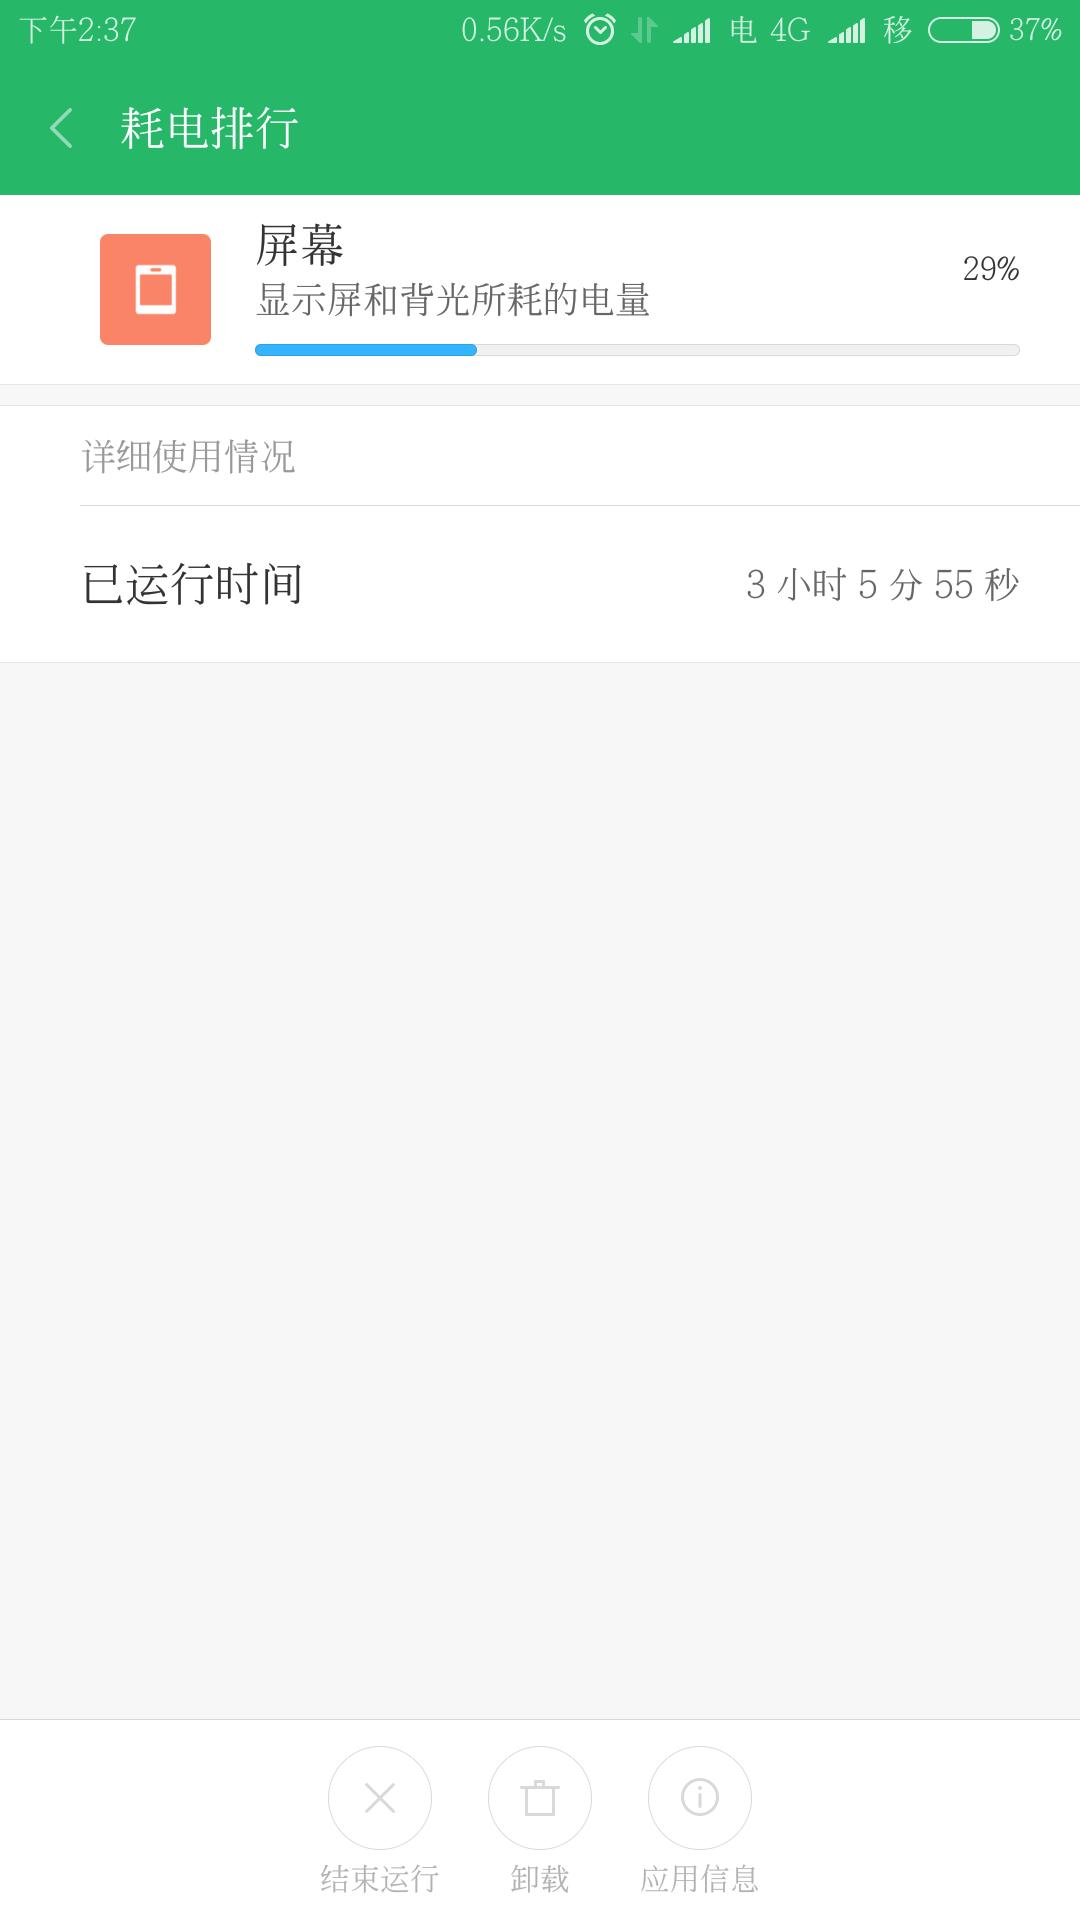 Screenshot_2017-09-14-14-37-23-429_com.miui.securitycenter.png